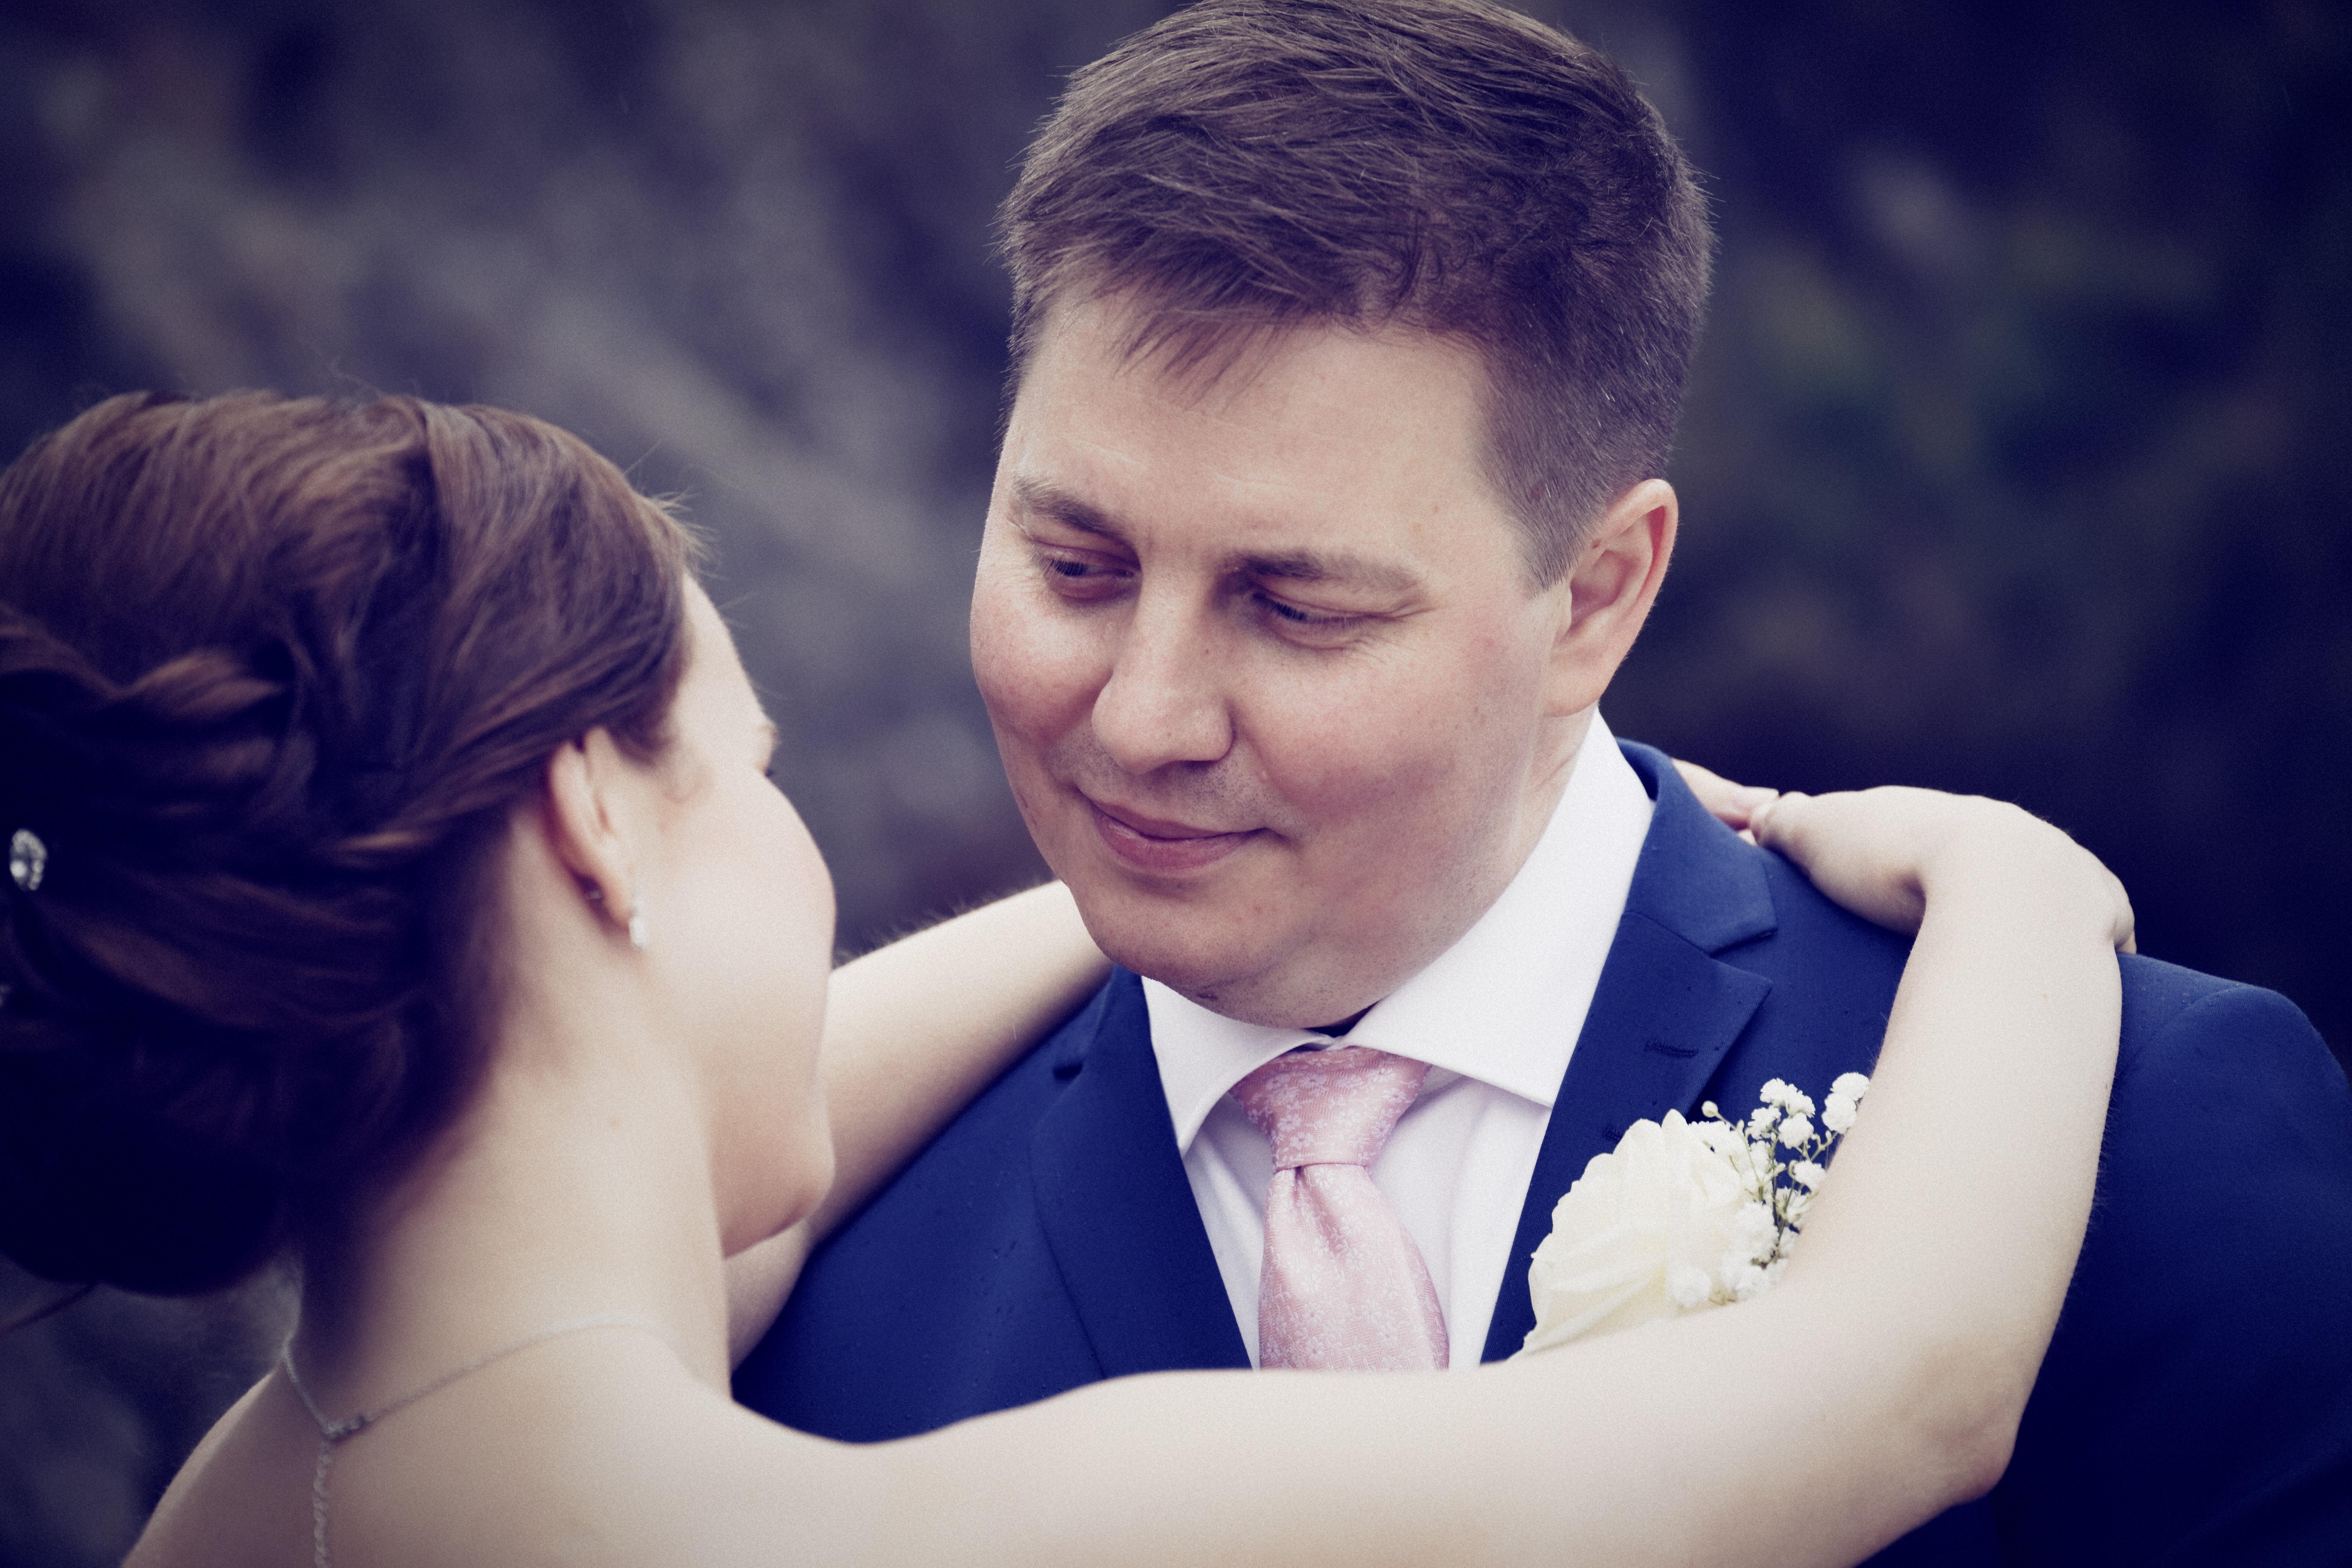 Bröllopsporträtt 2: Magnus och Maja